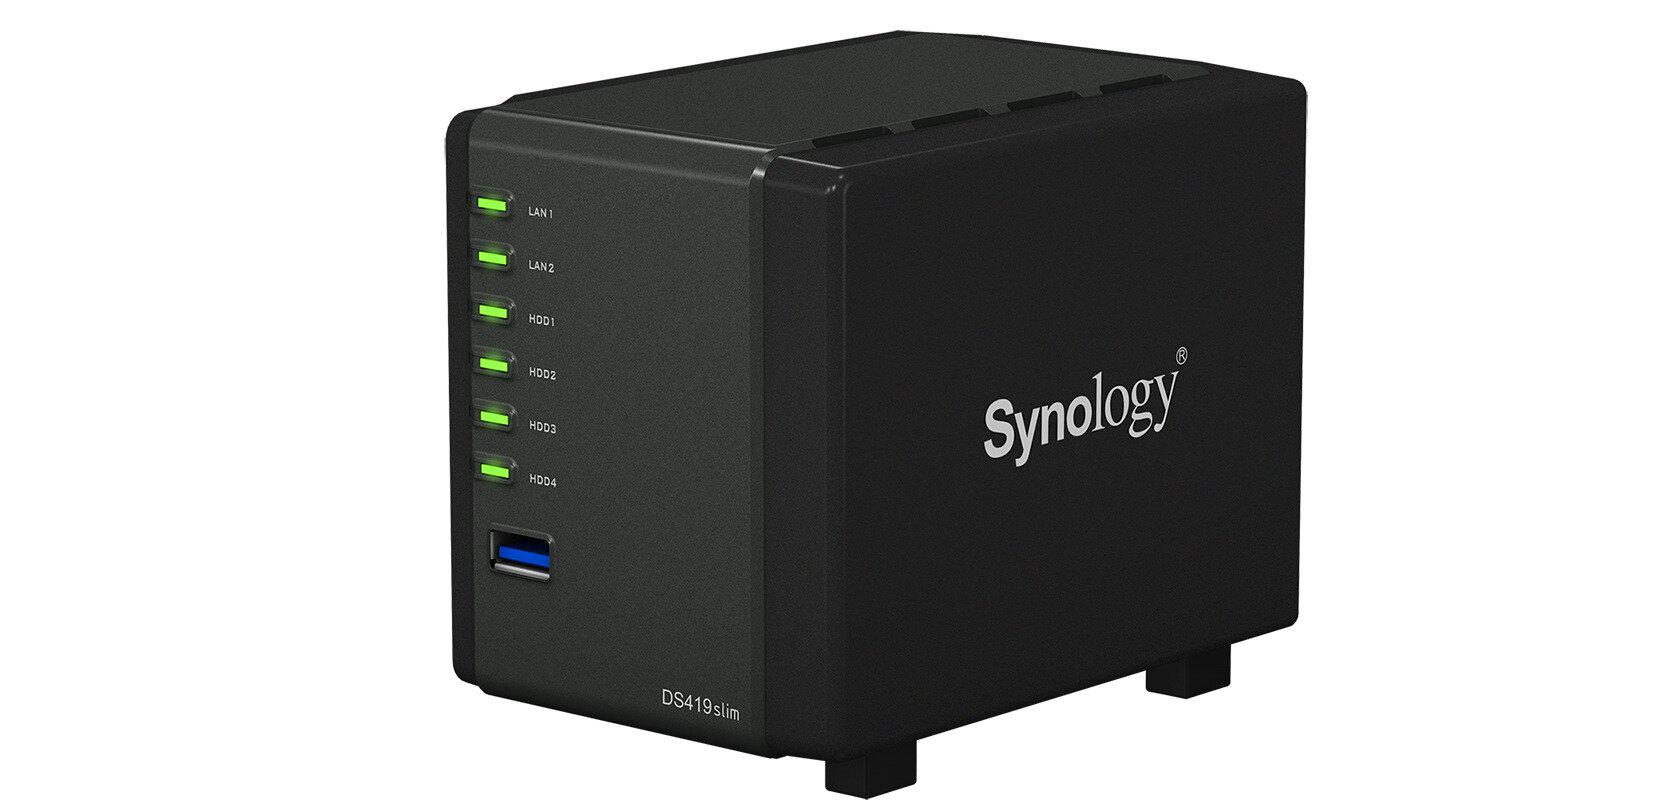 DS419slim : Synology renouvelle son NAS compact... en gardant ses défauts